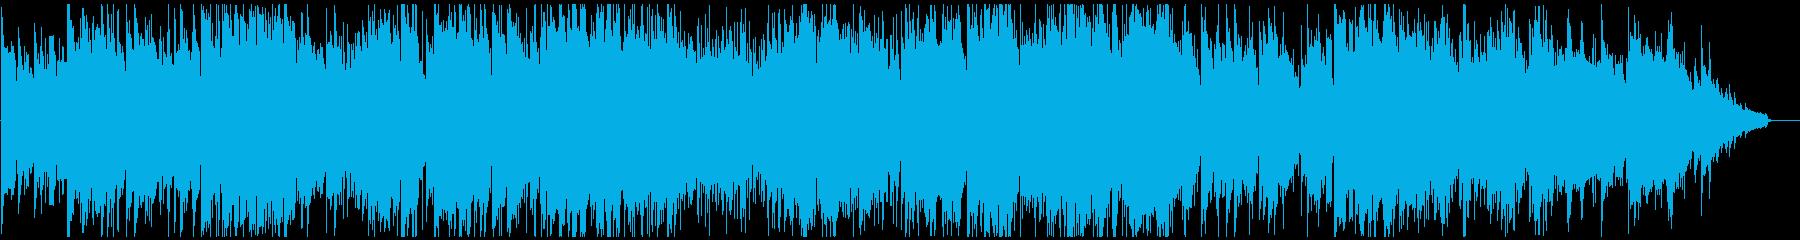 さわやかで幻想的なコンテンポラリージャズの再生済みの波形